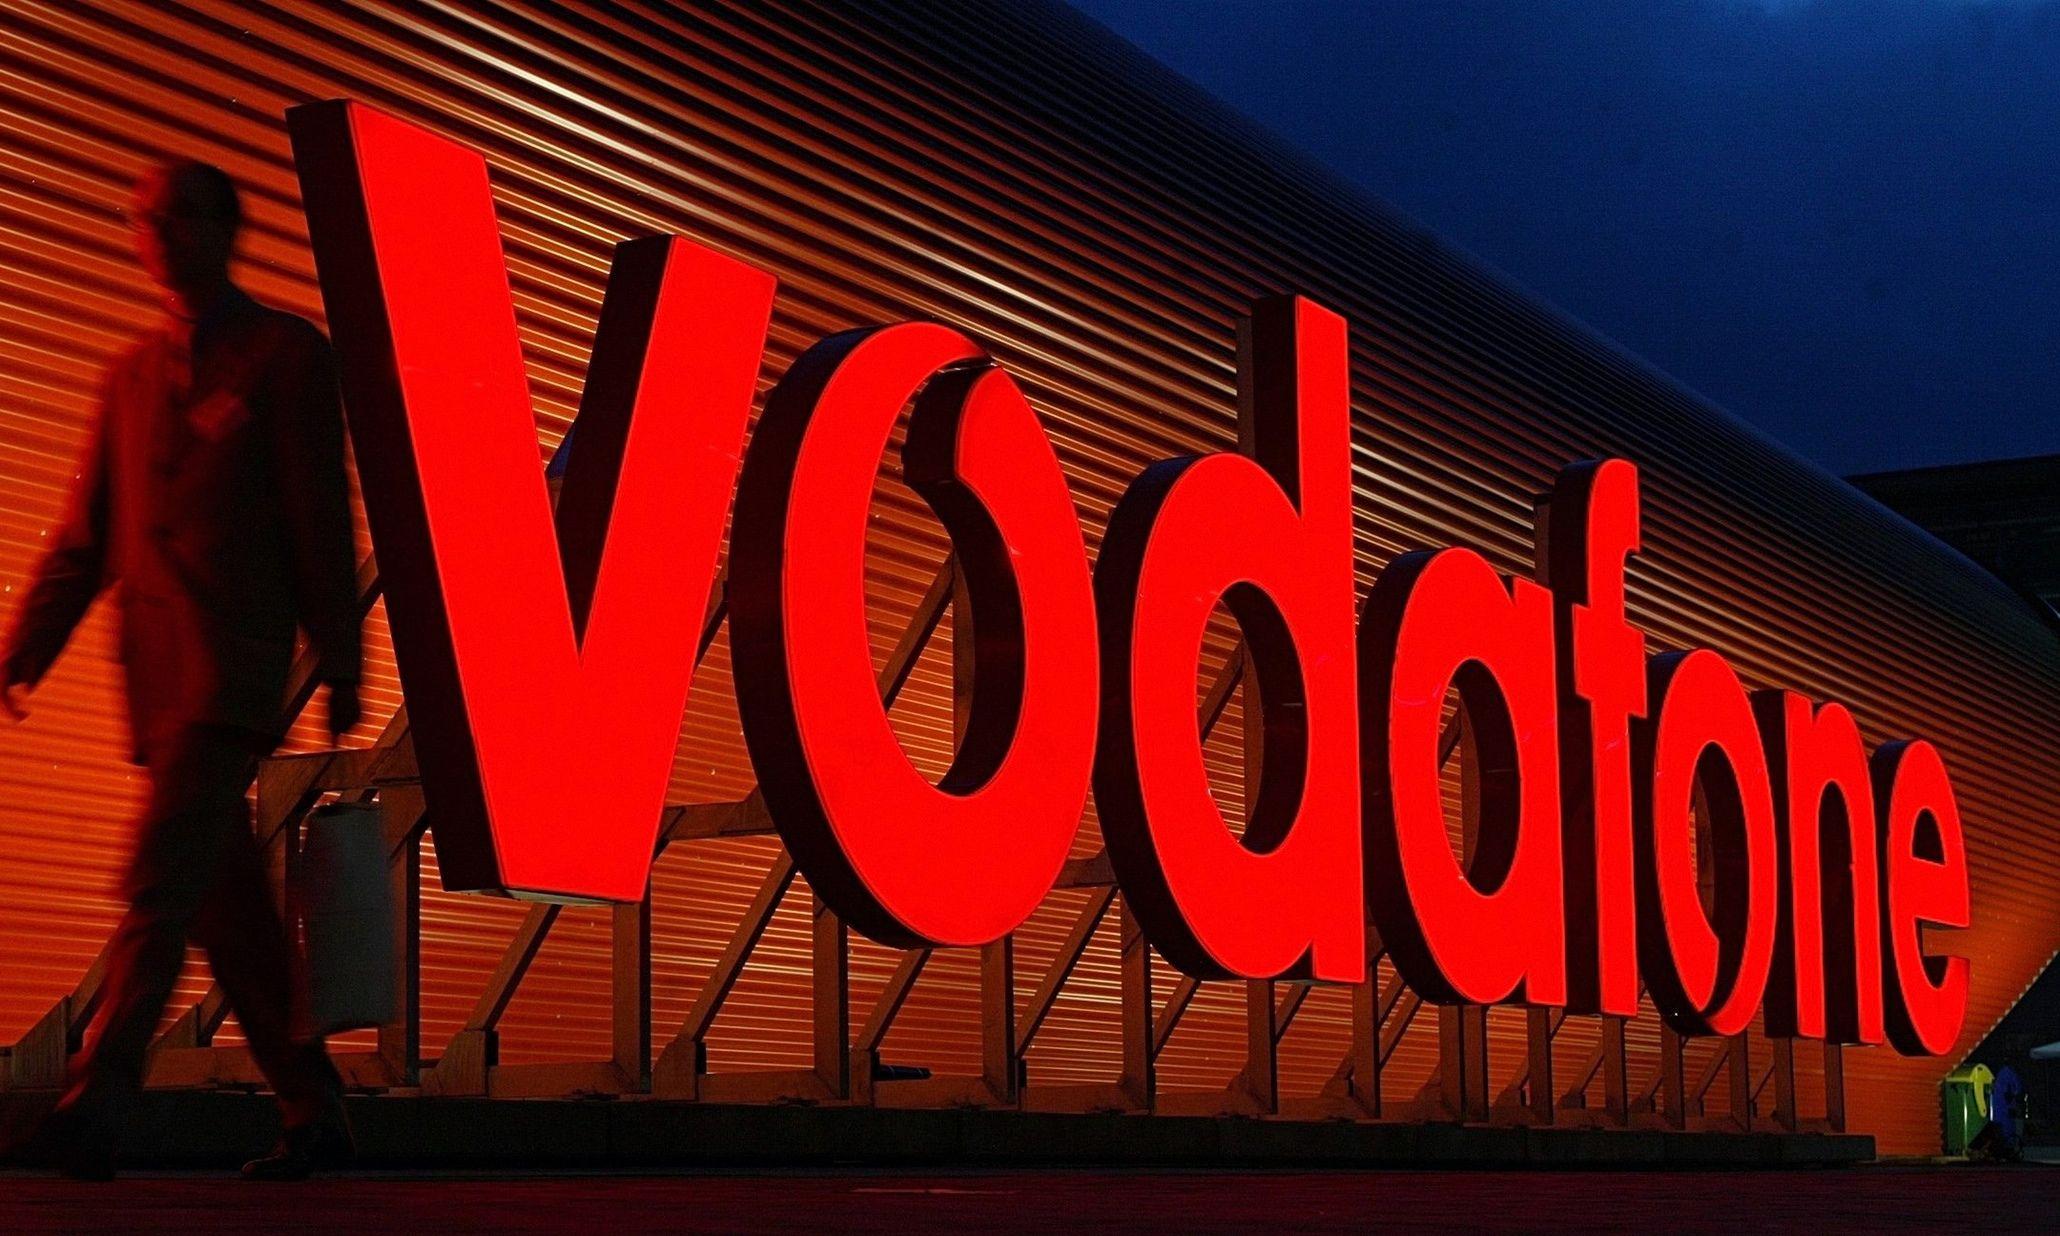 Остатки связи: появился перечень адресов, где в ОРДО можно поймать Vodafonе